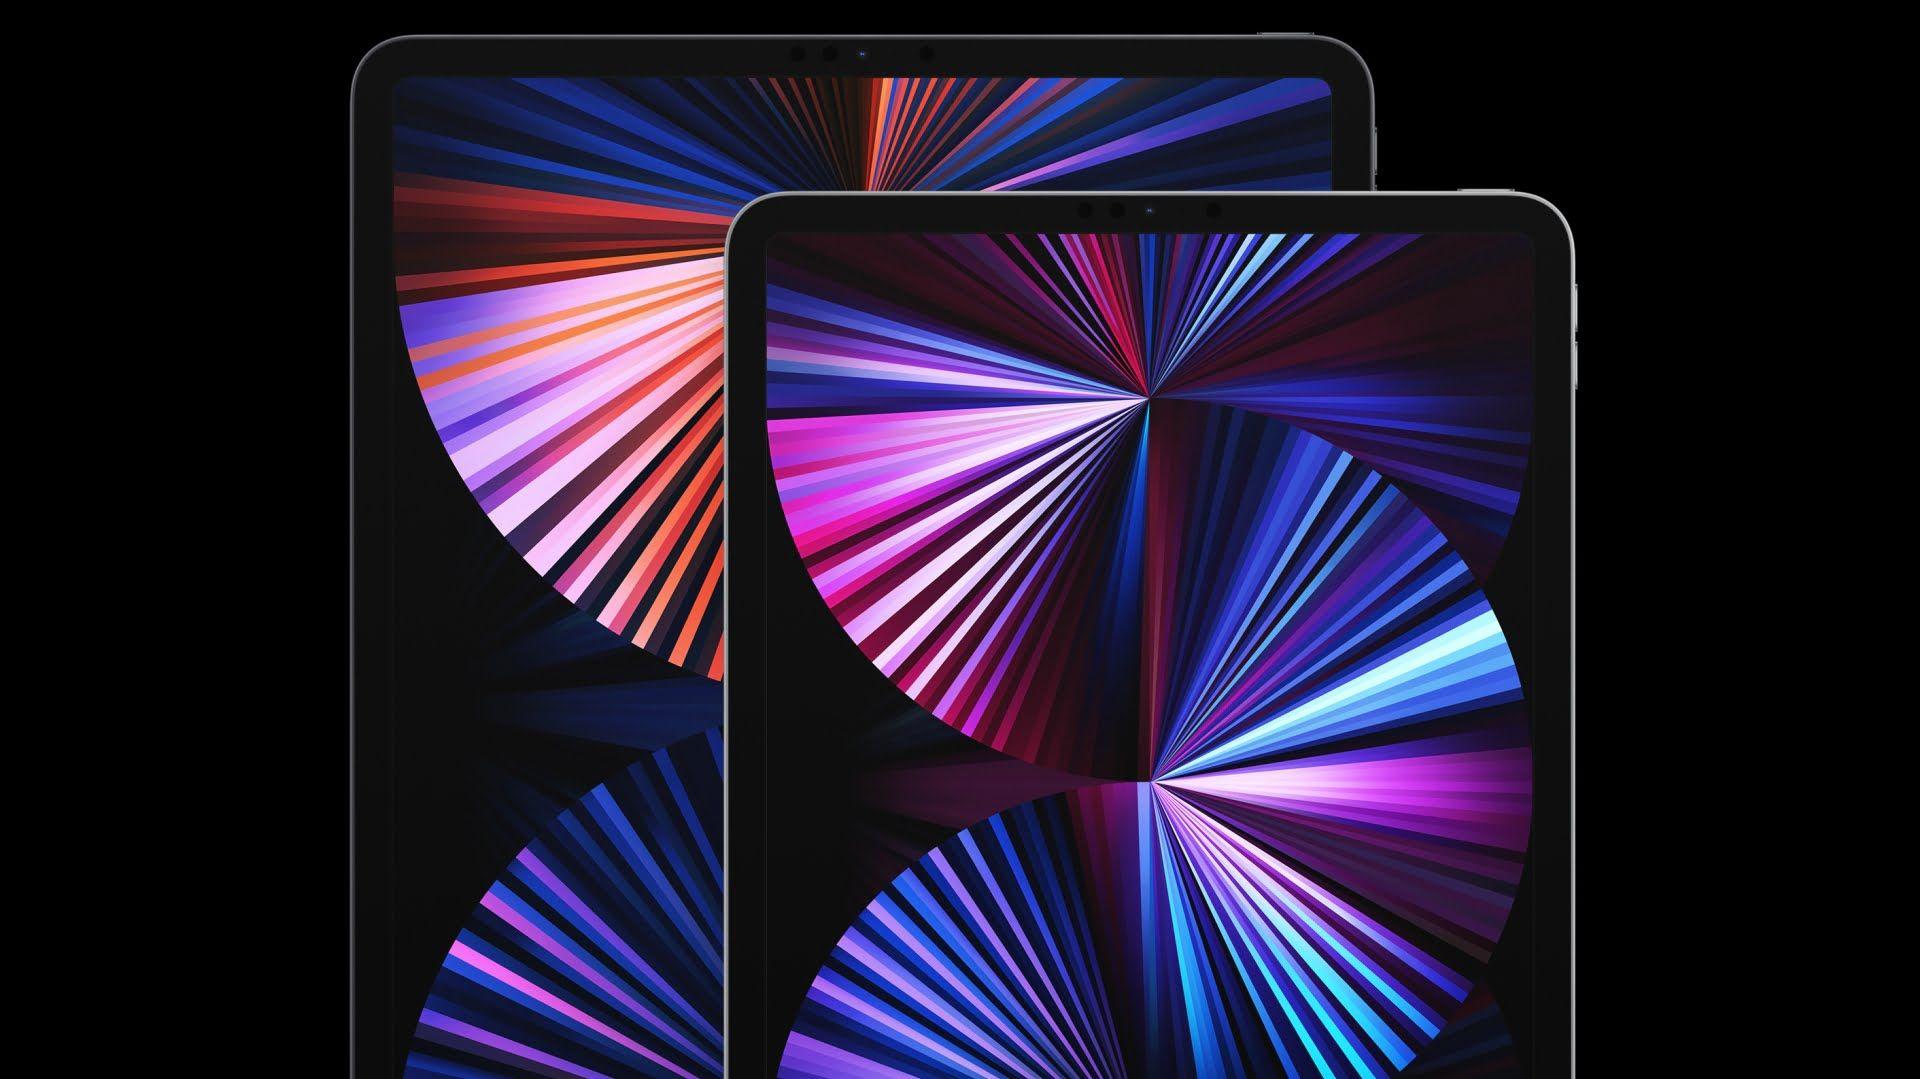 Firma Apple przedstawia iPada Pro z procesorem M1 i 5G